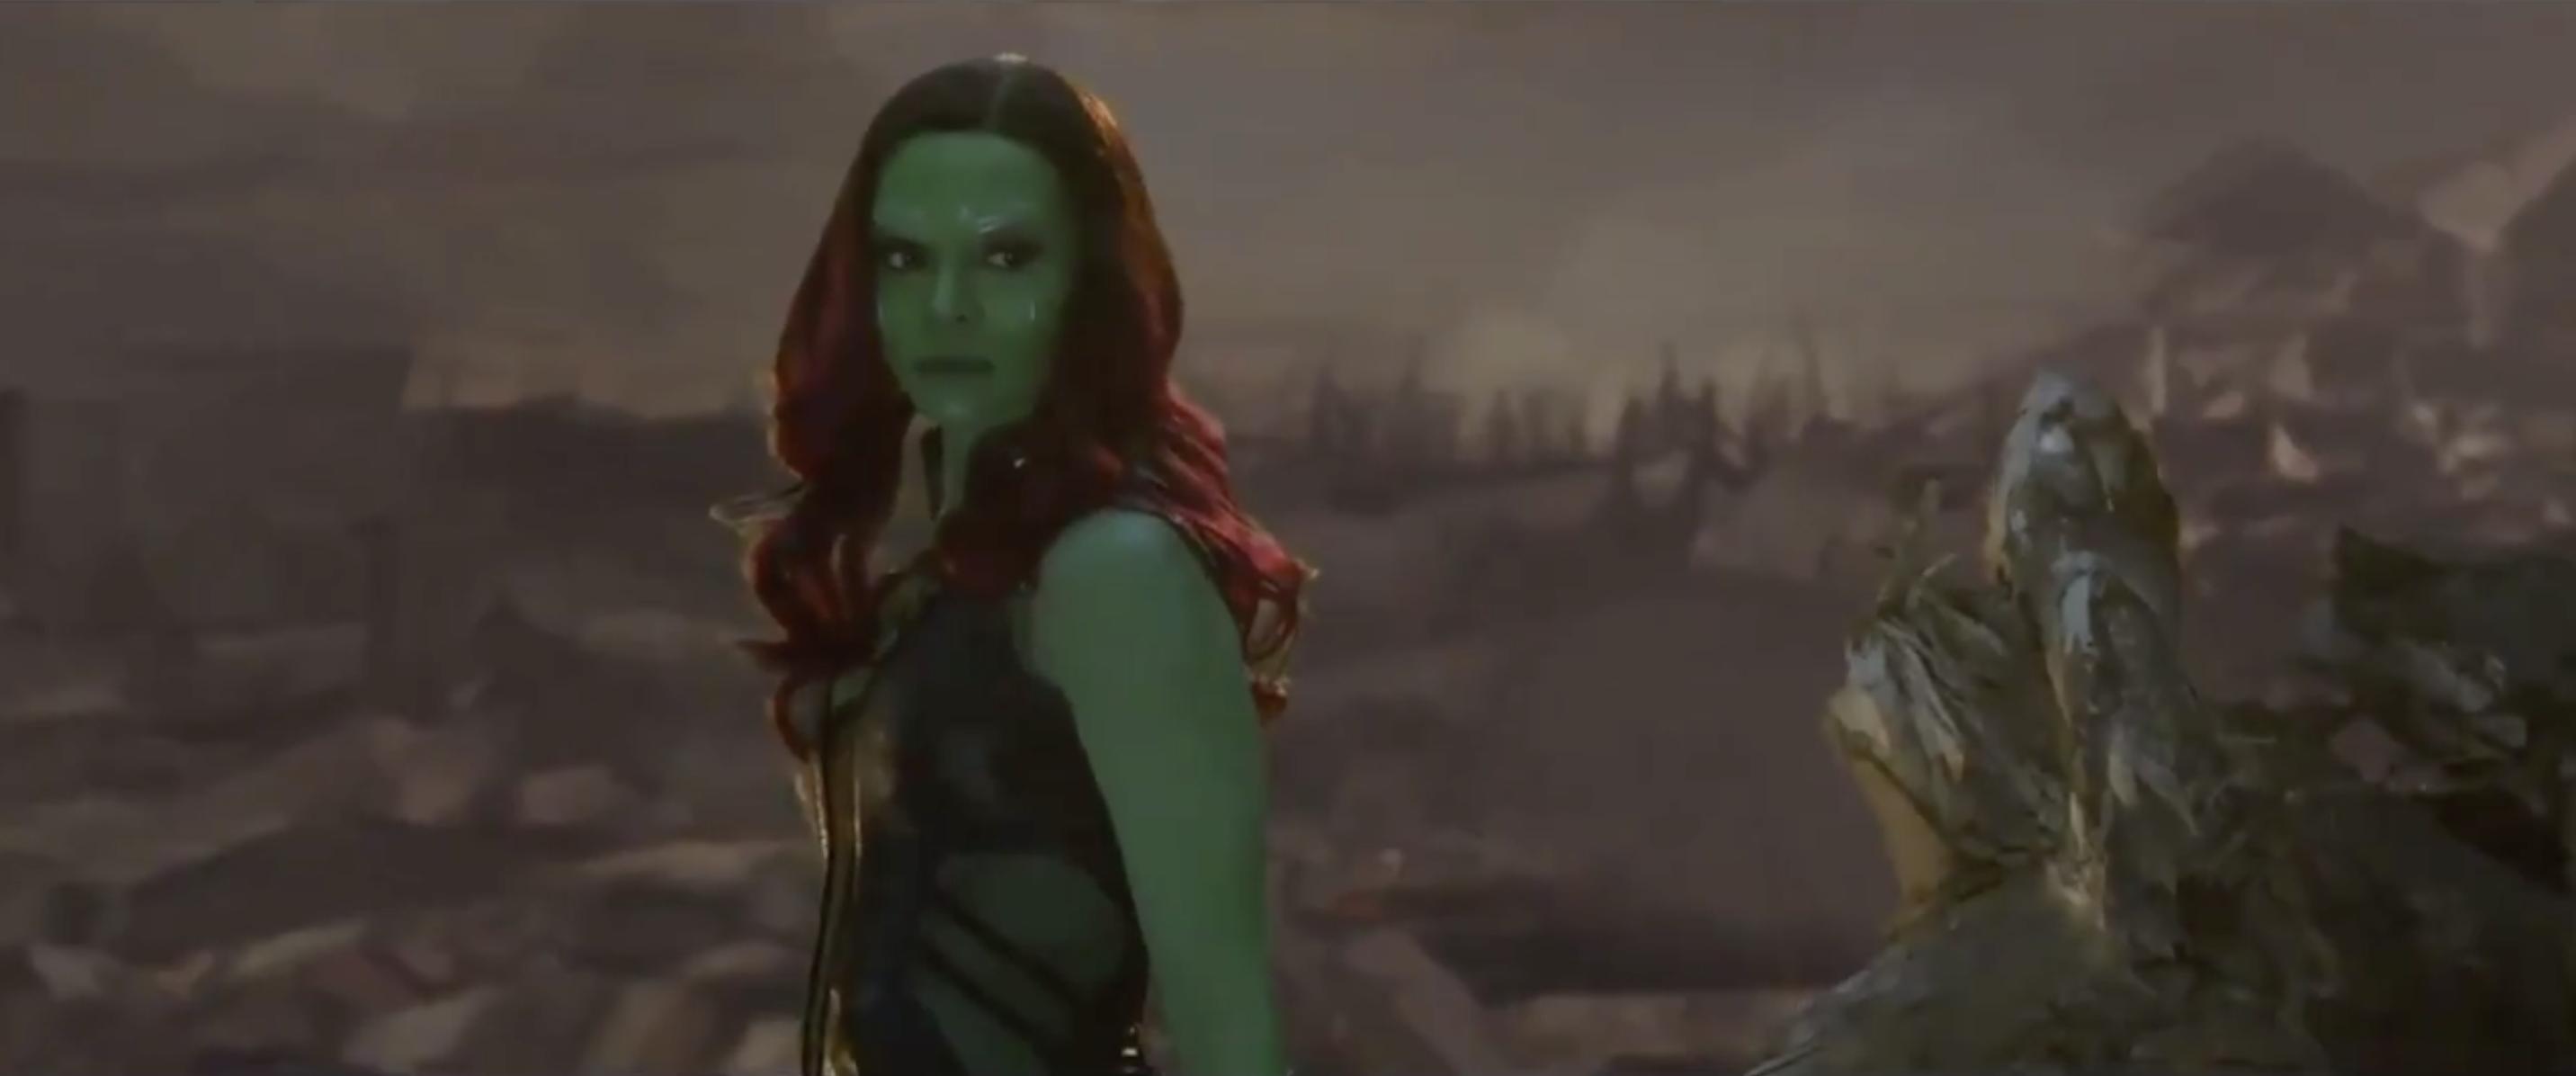 Avengers: Endgame deleted scene reveals Gamora's fate